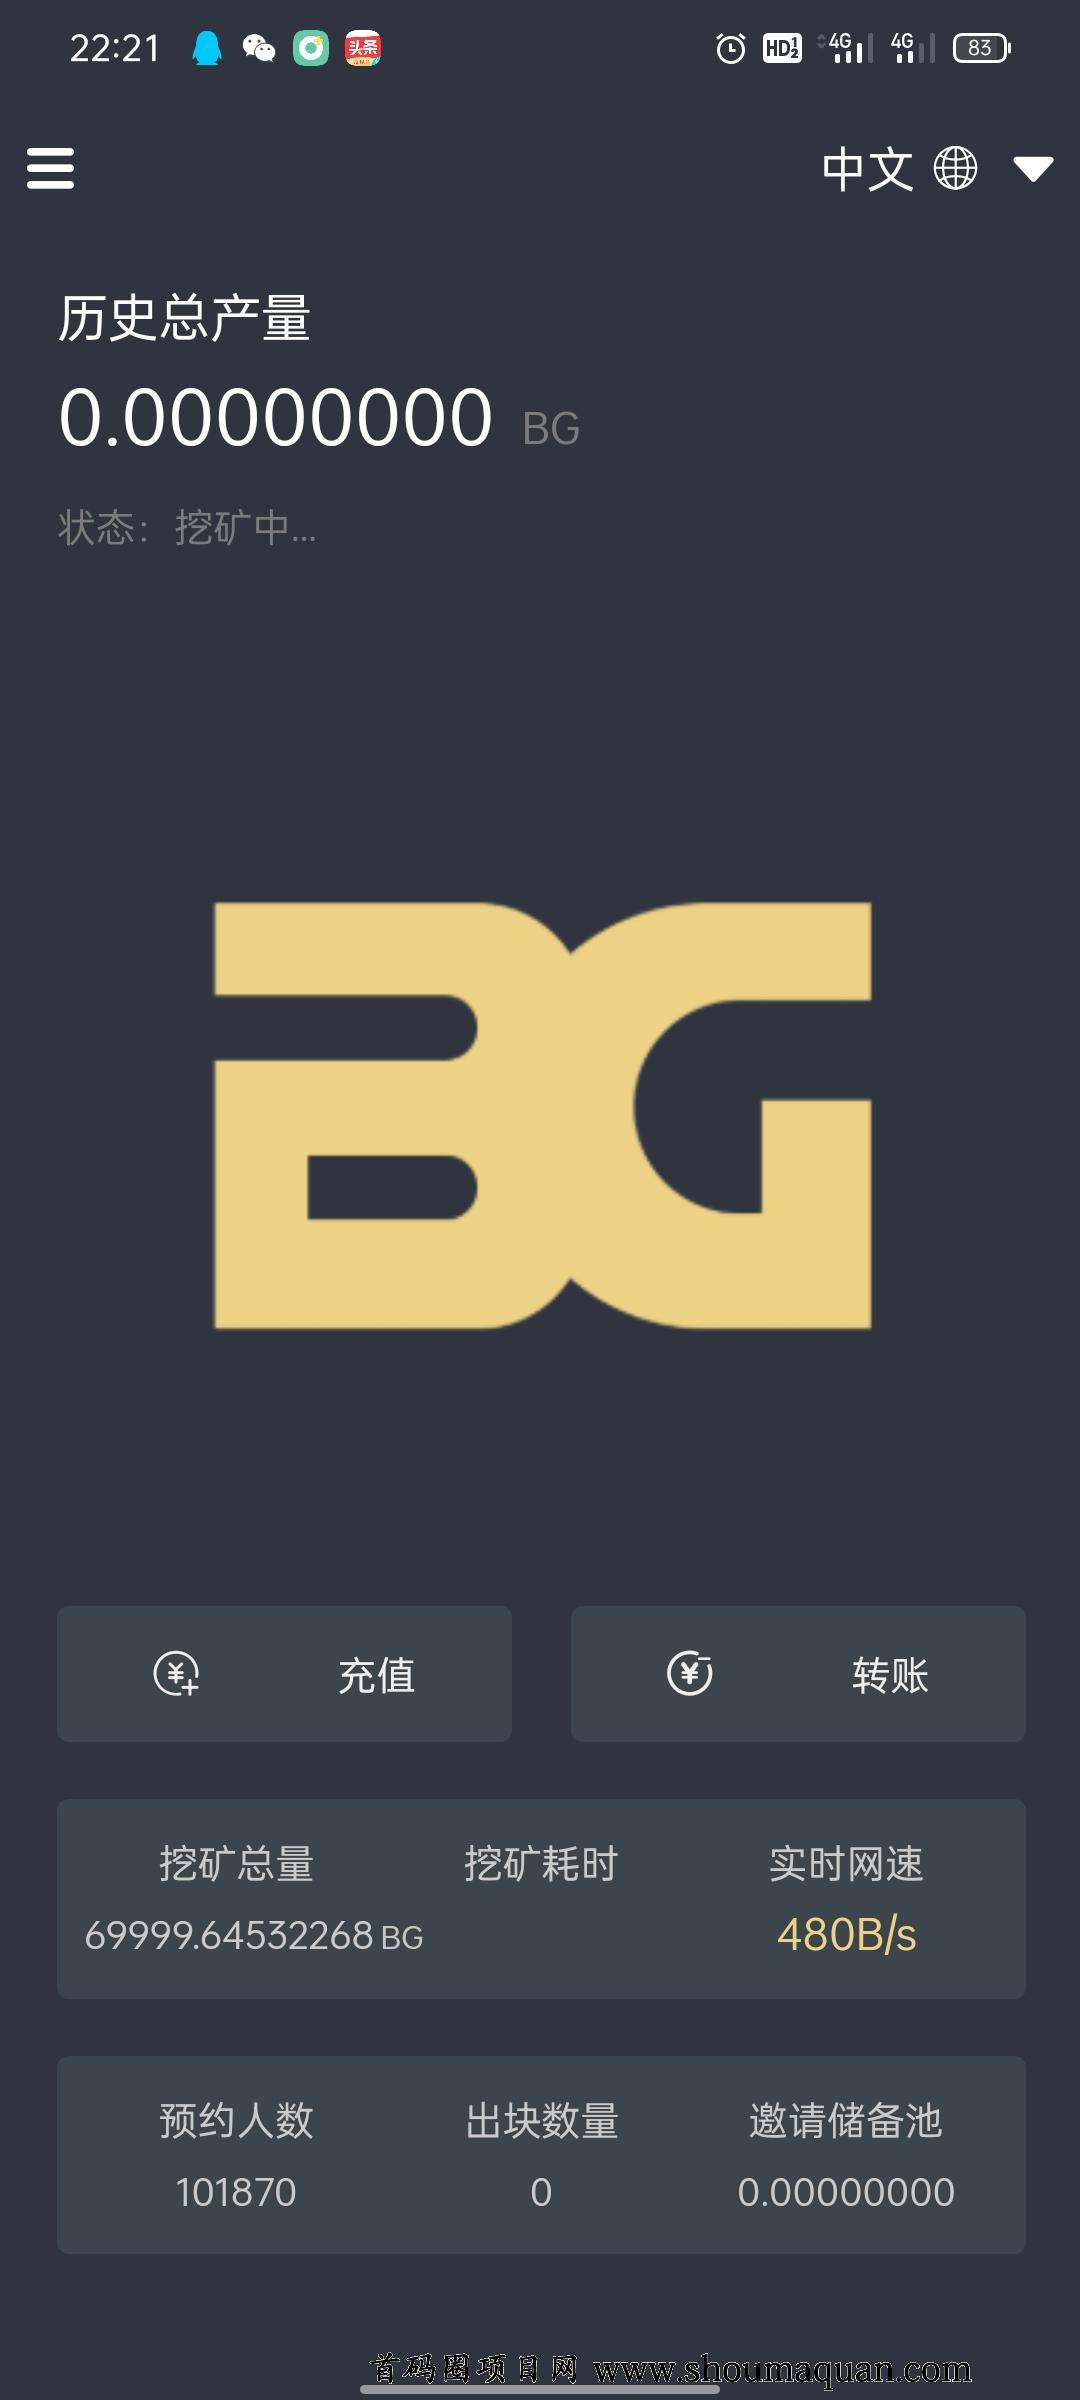 零撸布瑞吉,简称BG,限量70000挂机挖币